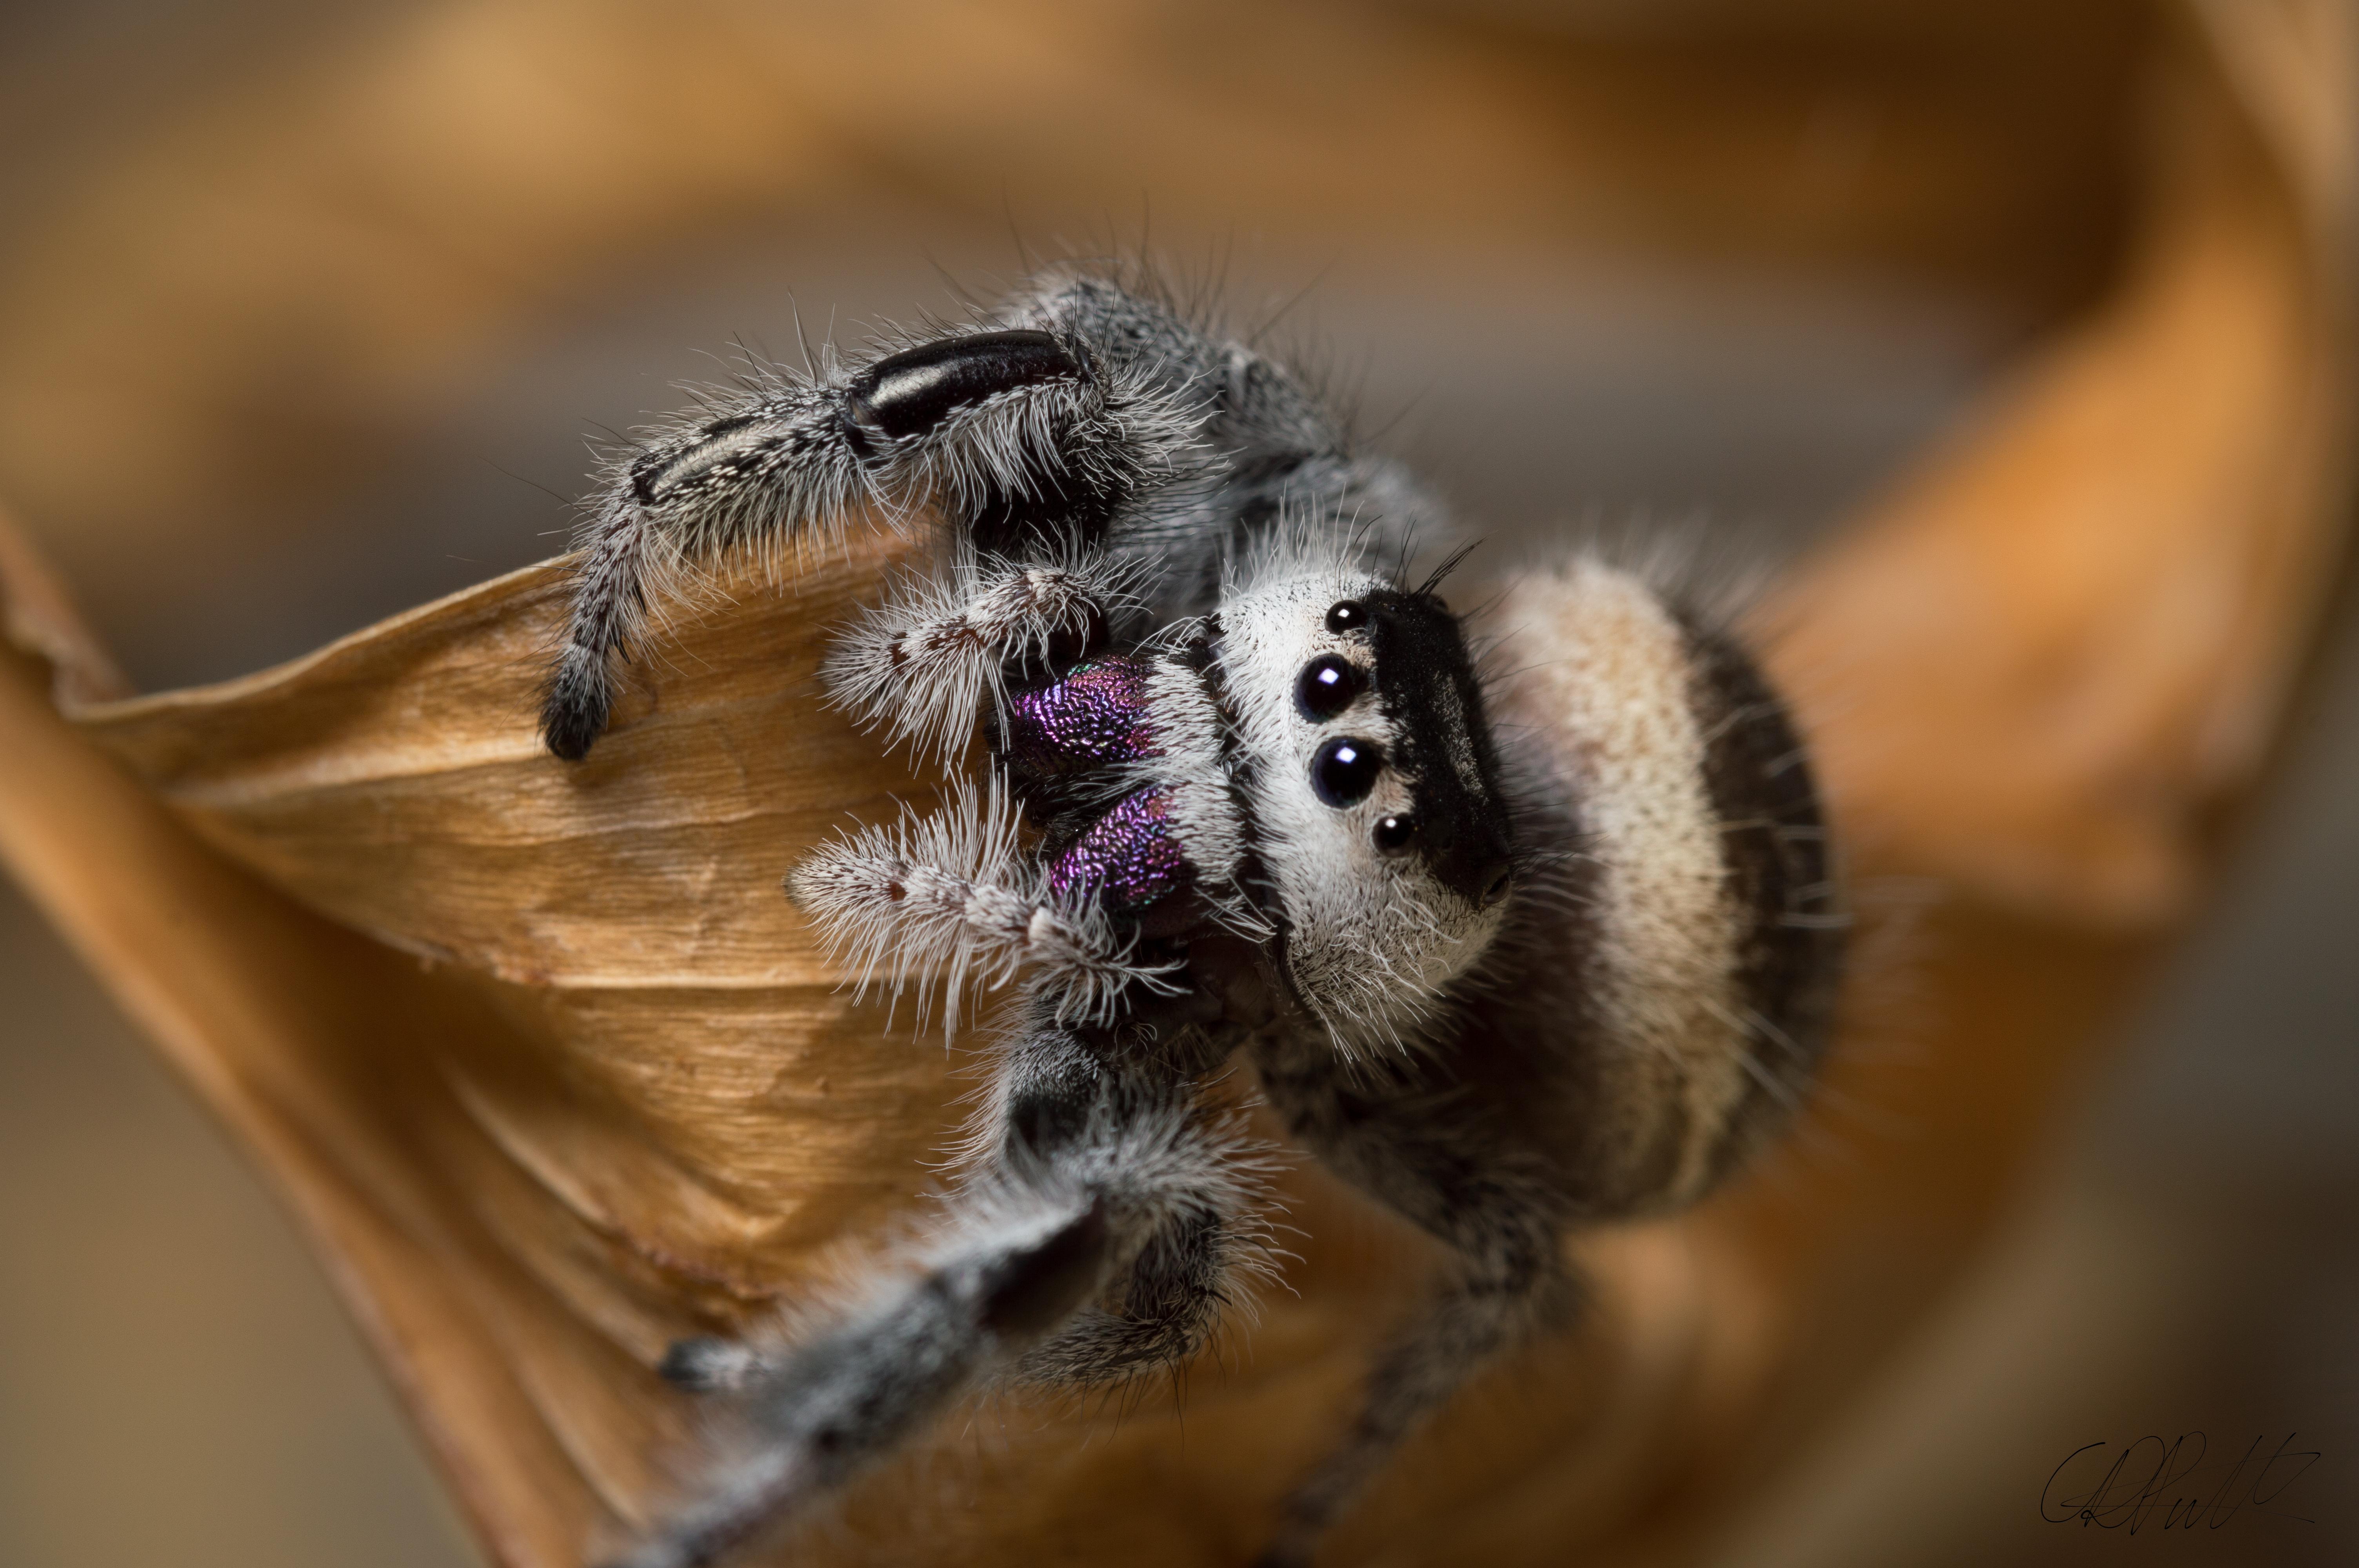 Phidippus regius female by Chris-Pull